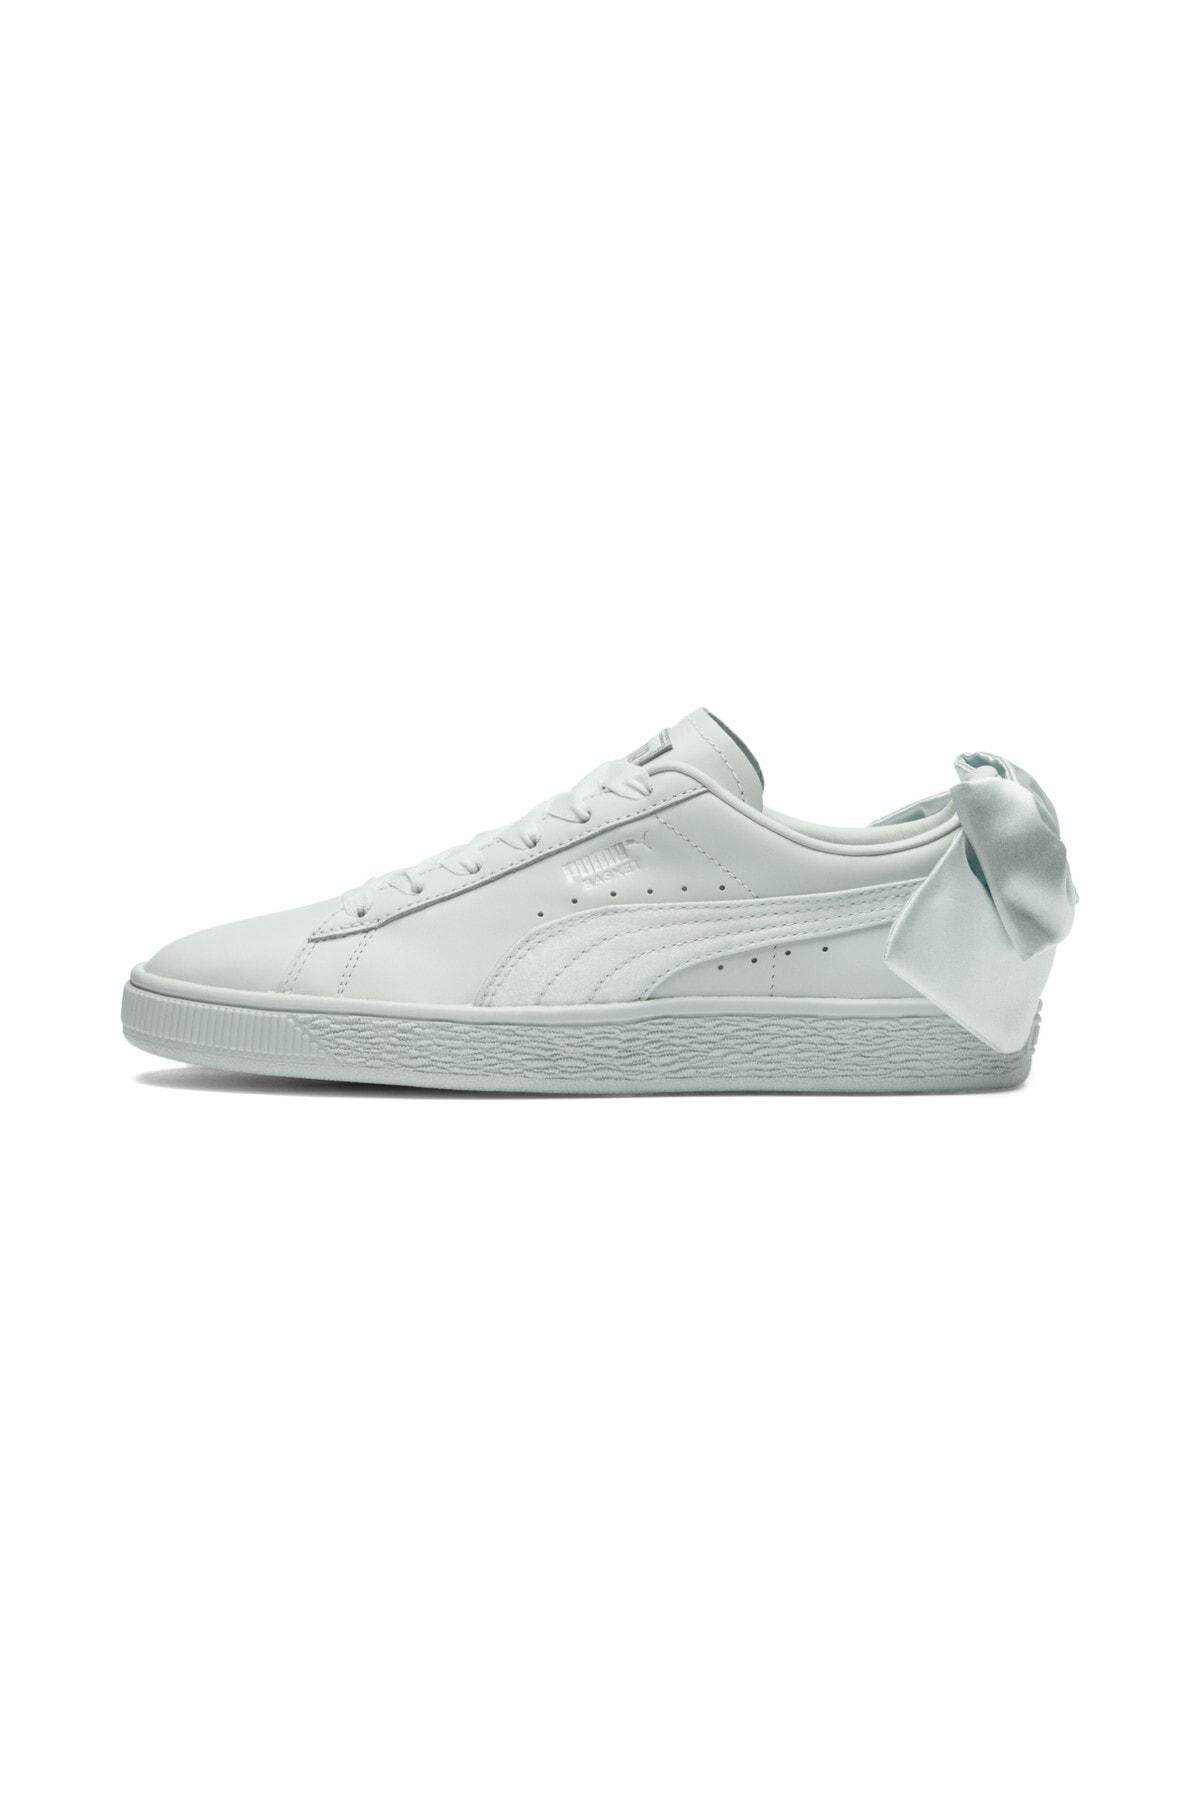 Puma BASKET BOW WN S Mavi Kadın Sneaker Ayakkabı 100462625